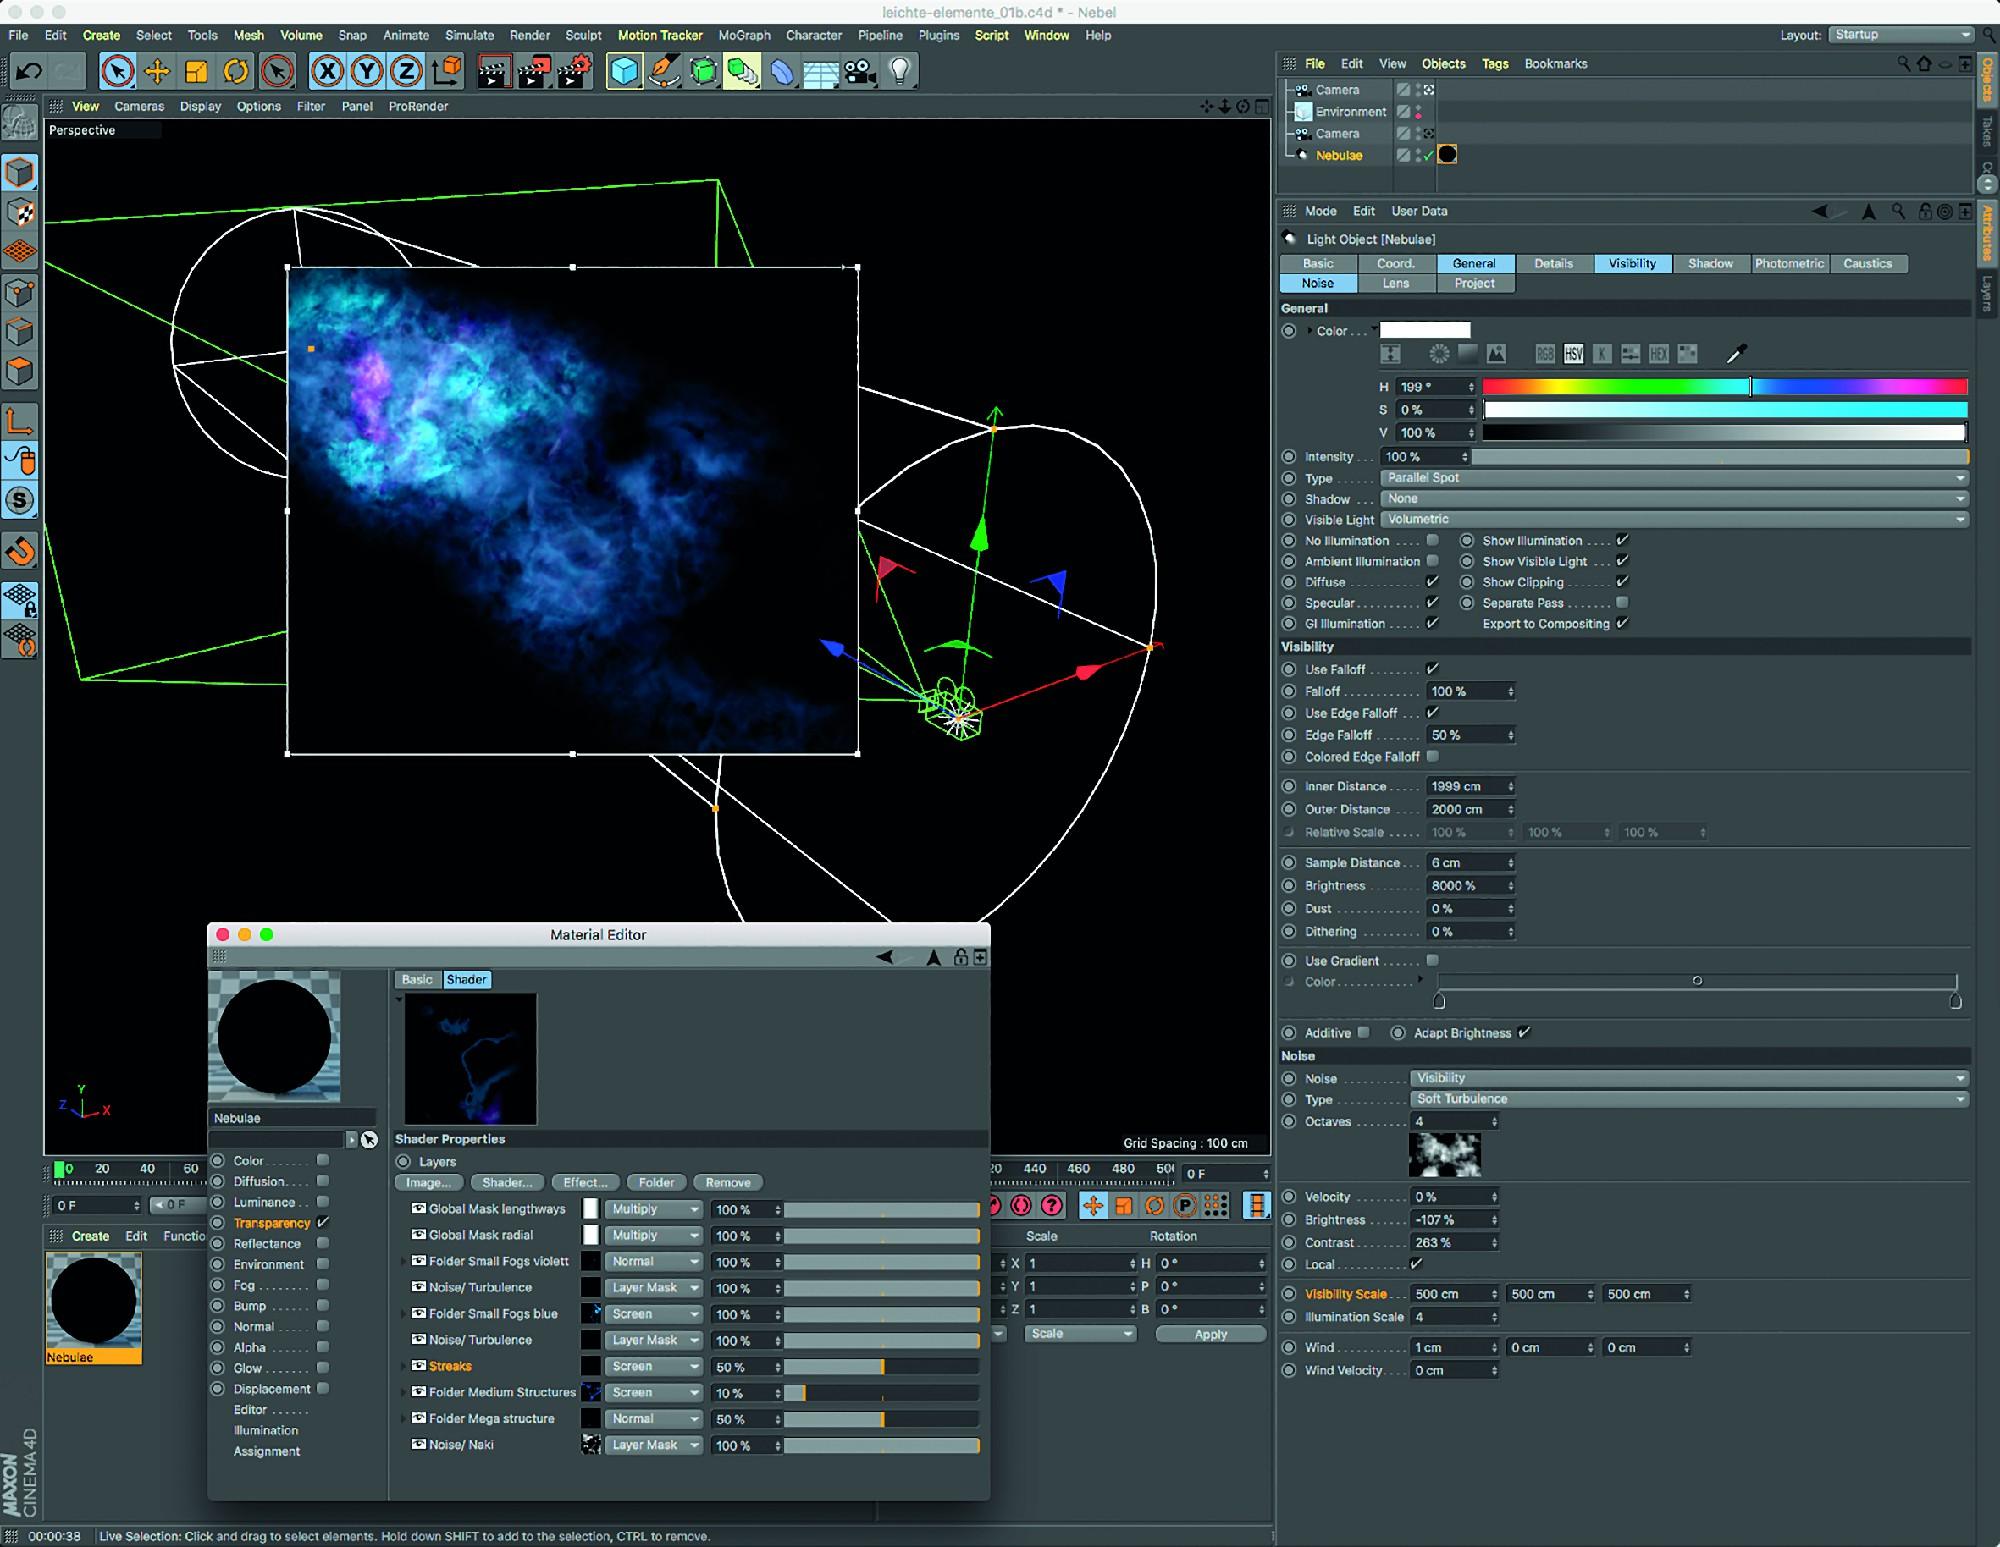 Bild 17: Stellarer Nebel aus dem Titelbild dieses Artikels: Ein Material mit aktivem Transparenzkanal und einem Ebene-Shader sorgt für komplexe volumetrische Strukturen.